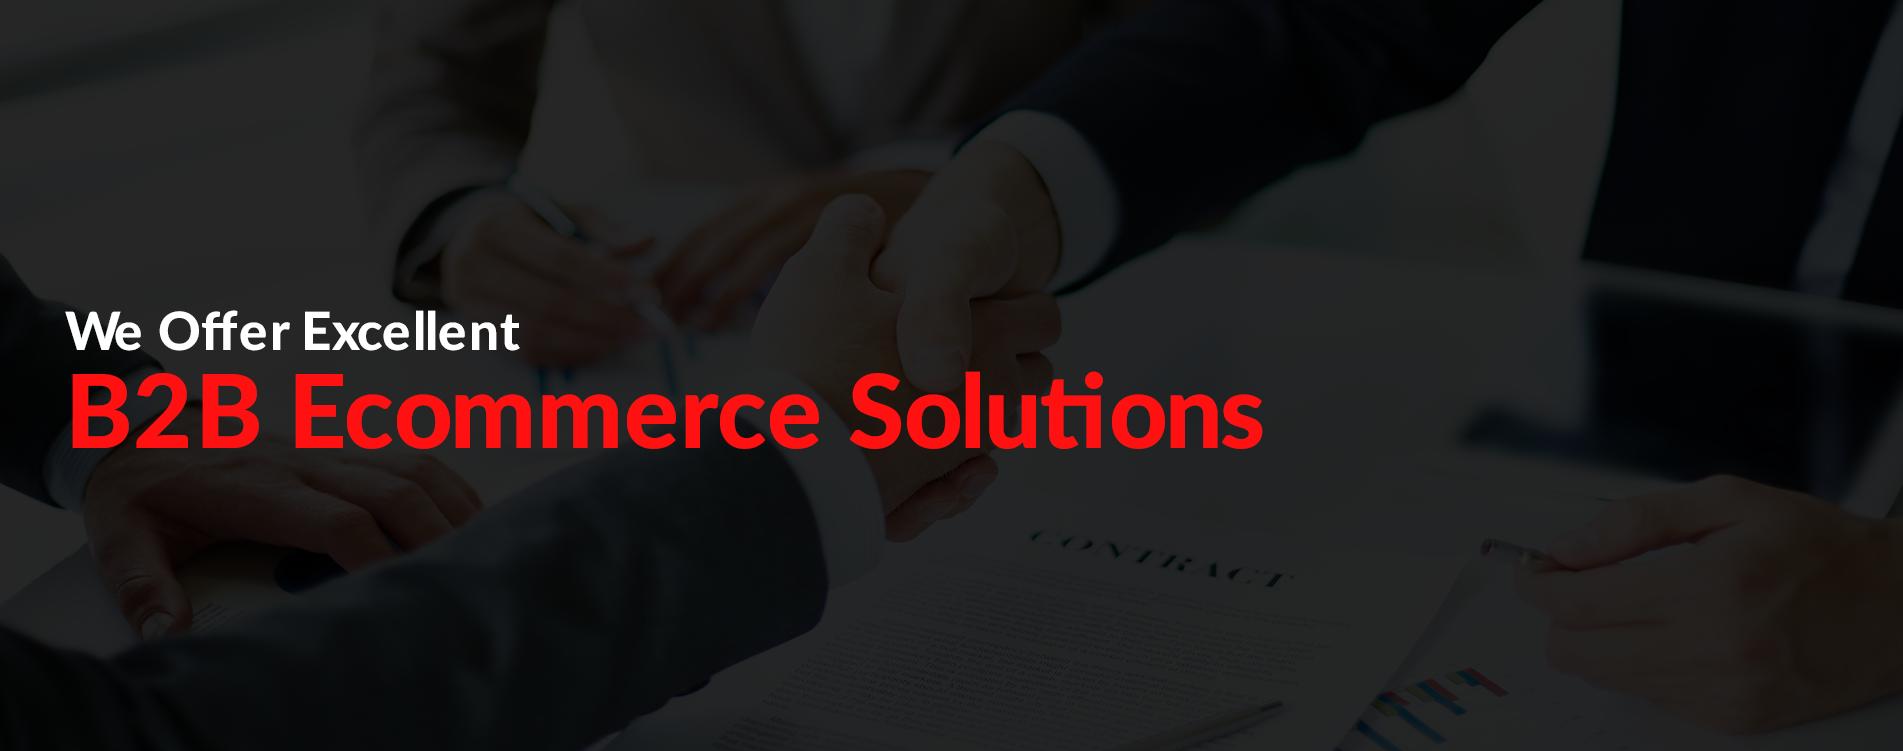 B2B Ecommerce Solution